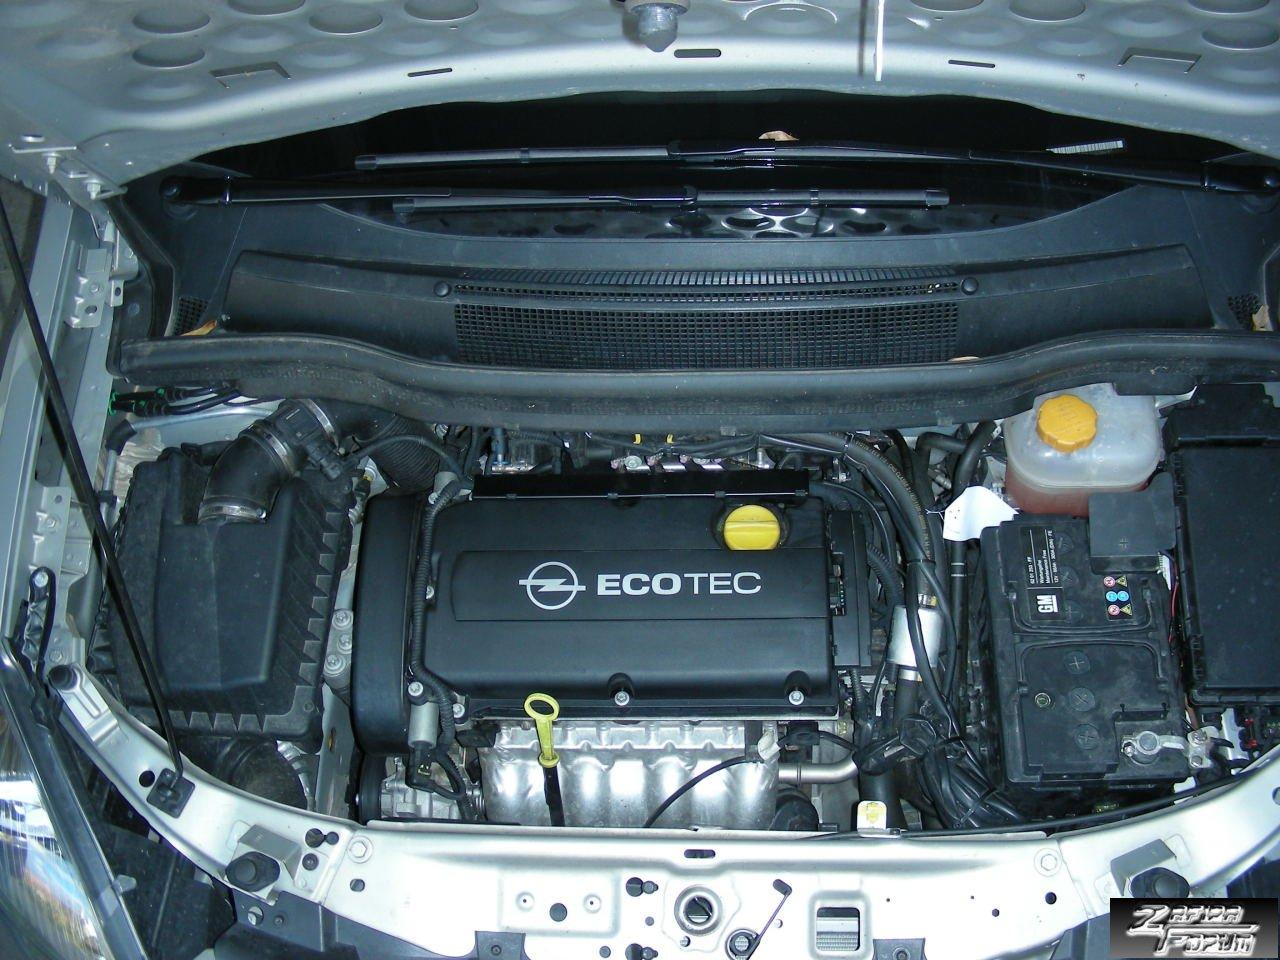 Übersicht] Übersicht Motor u. Typschlüsselnummern Zafira B